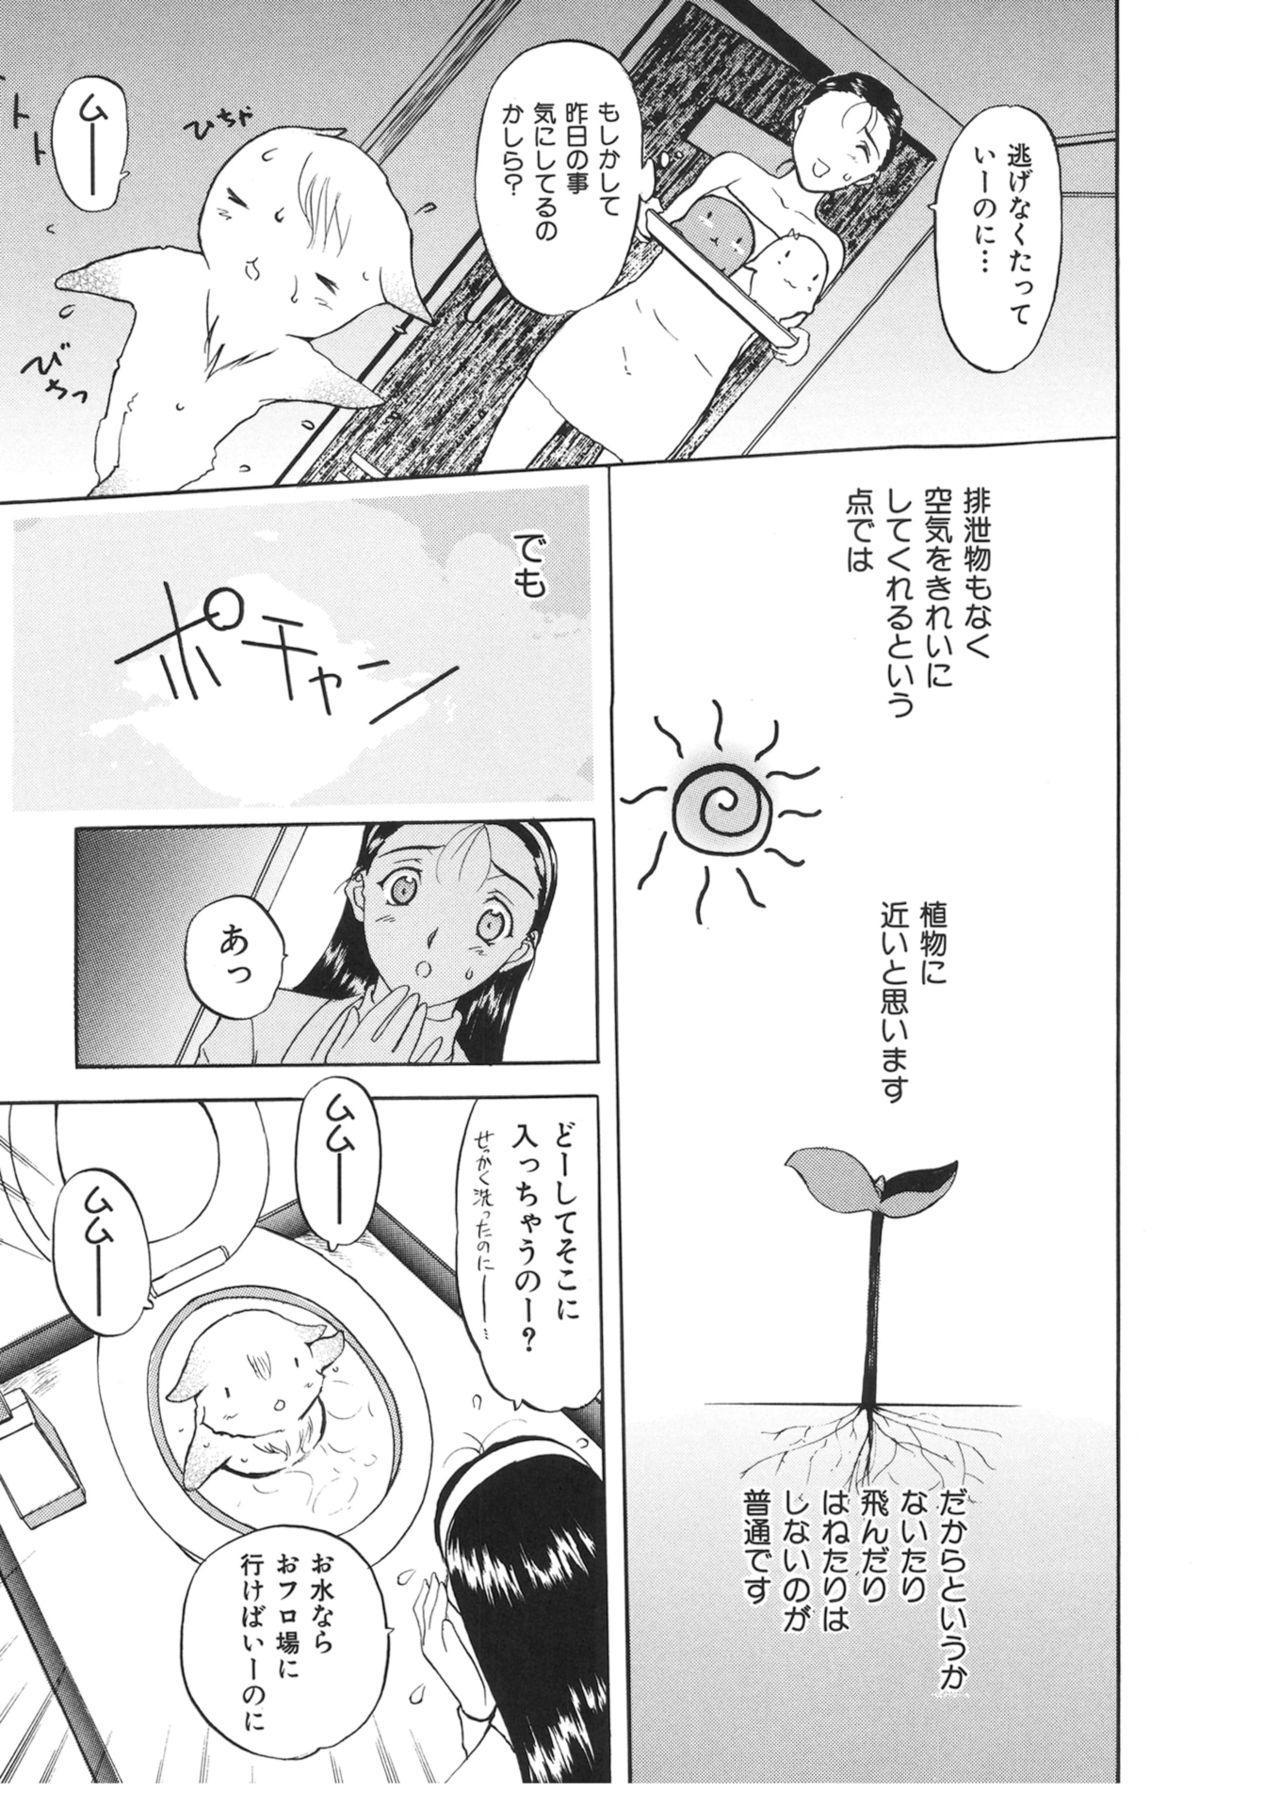 COMIC Kairakuten 25 Shuunen kinen tokubetsugou 72